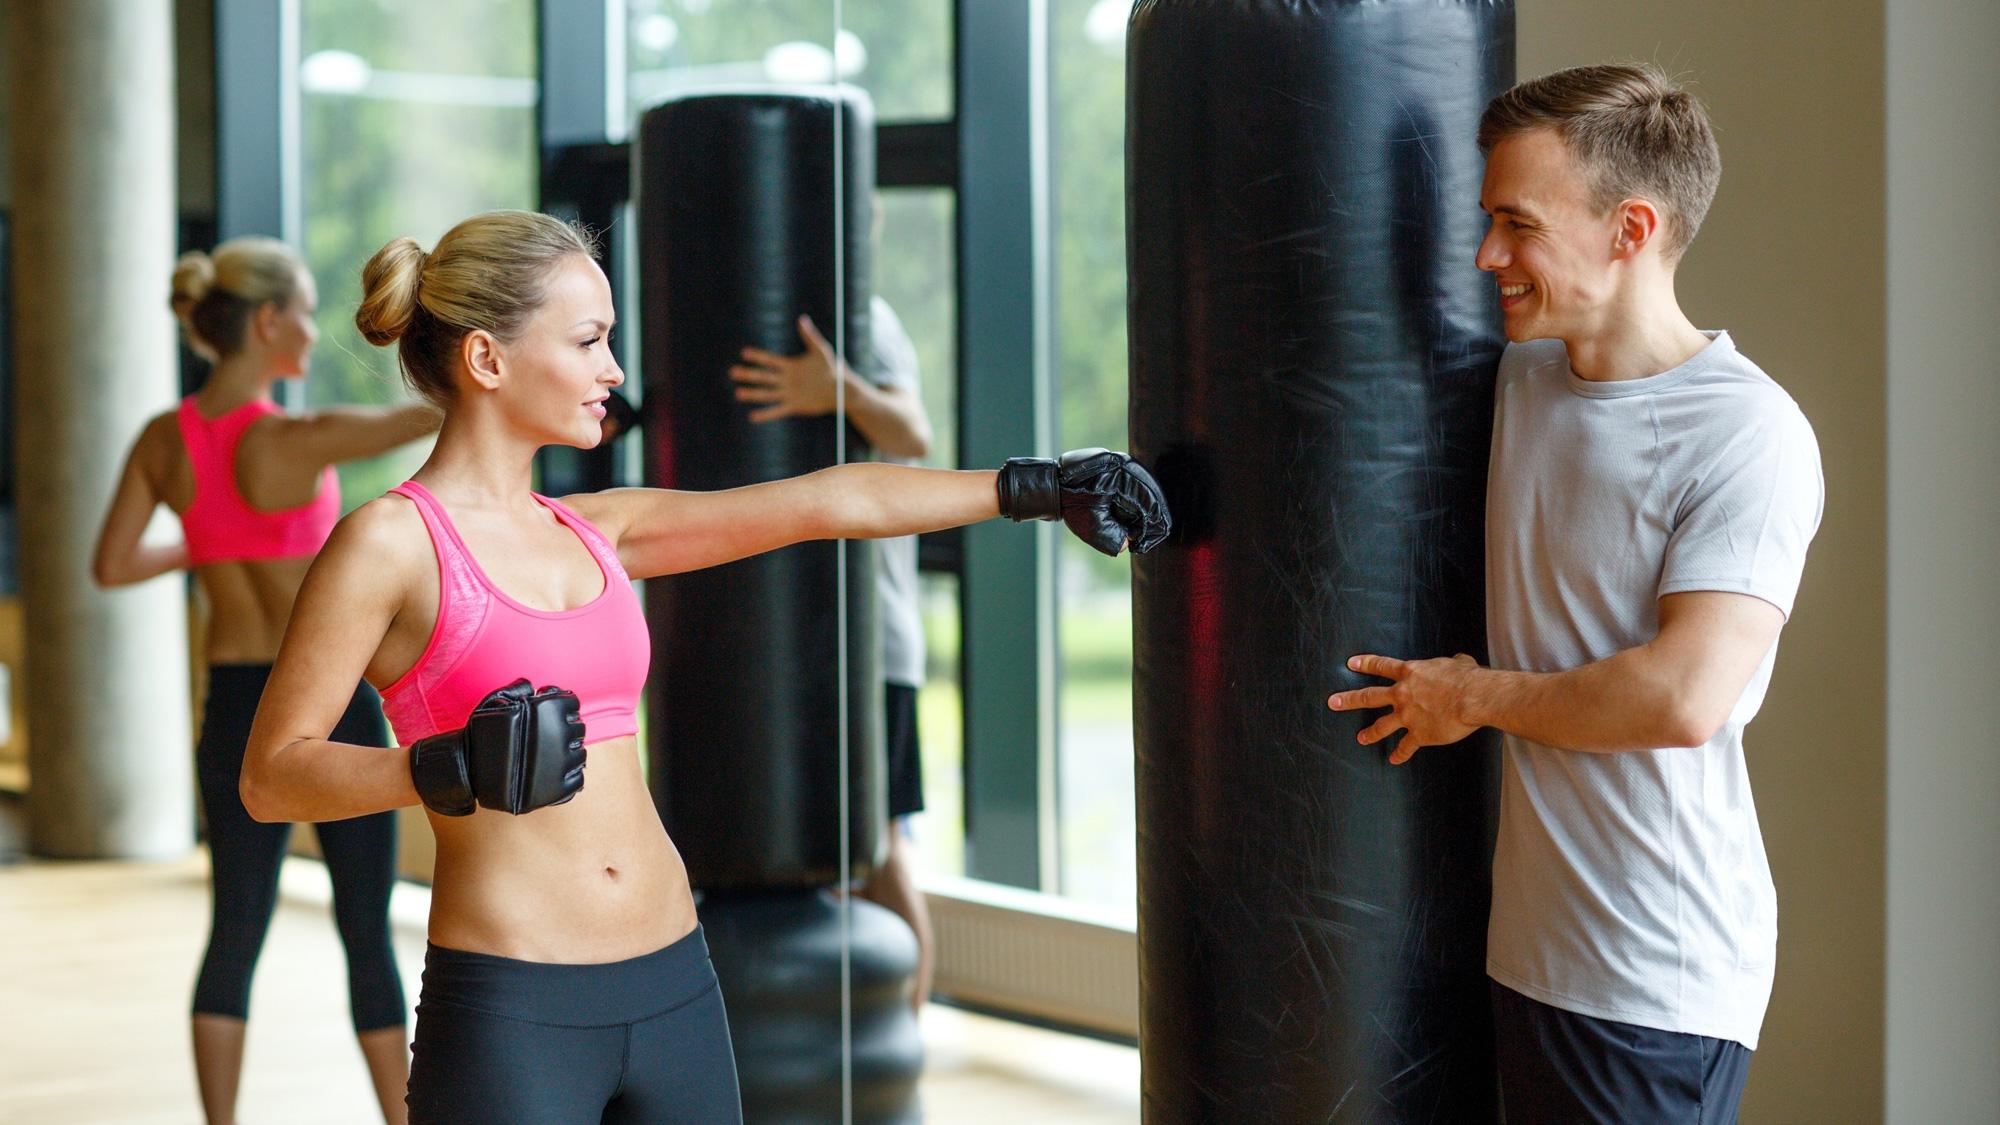 Первый раз в тренажерном зале: как одеться, как тренироваться, полезные советы